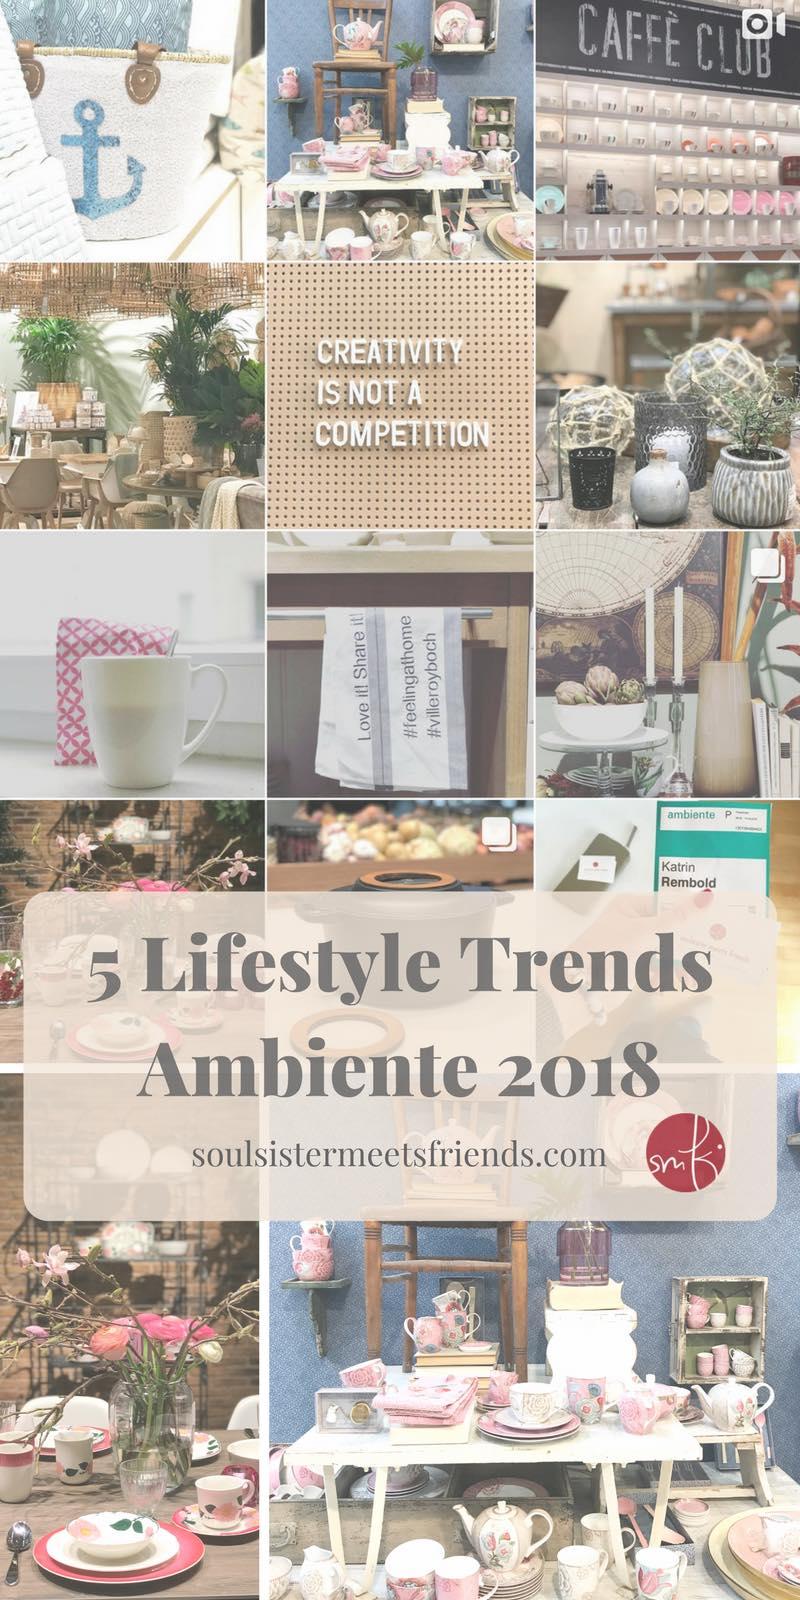 Die 5 großen #Lifestyle Trends auf der #Ambiente 2018